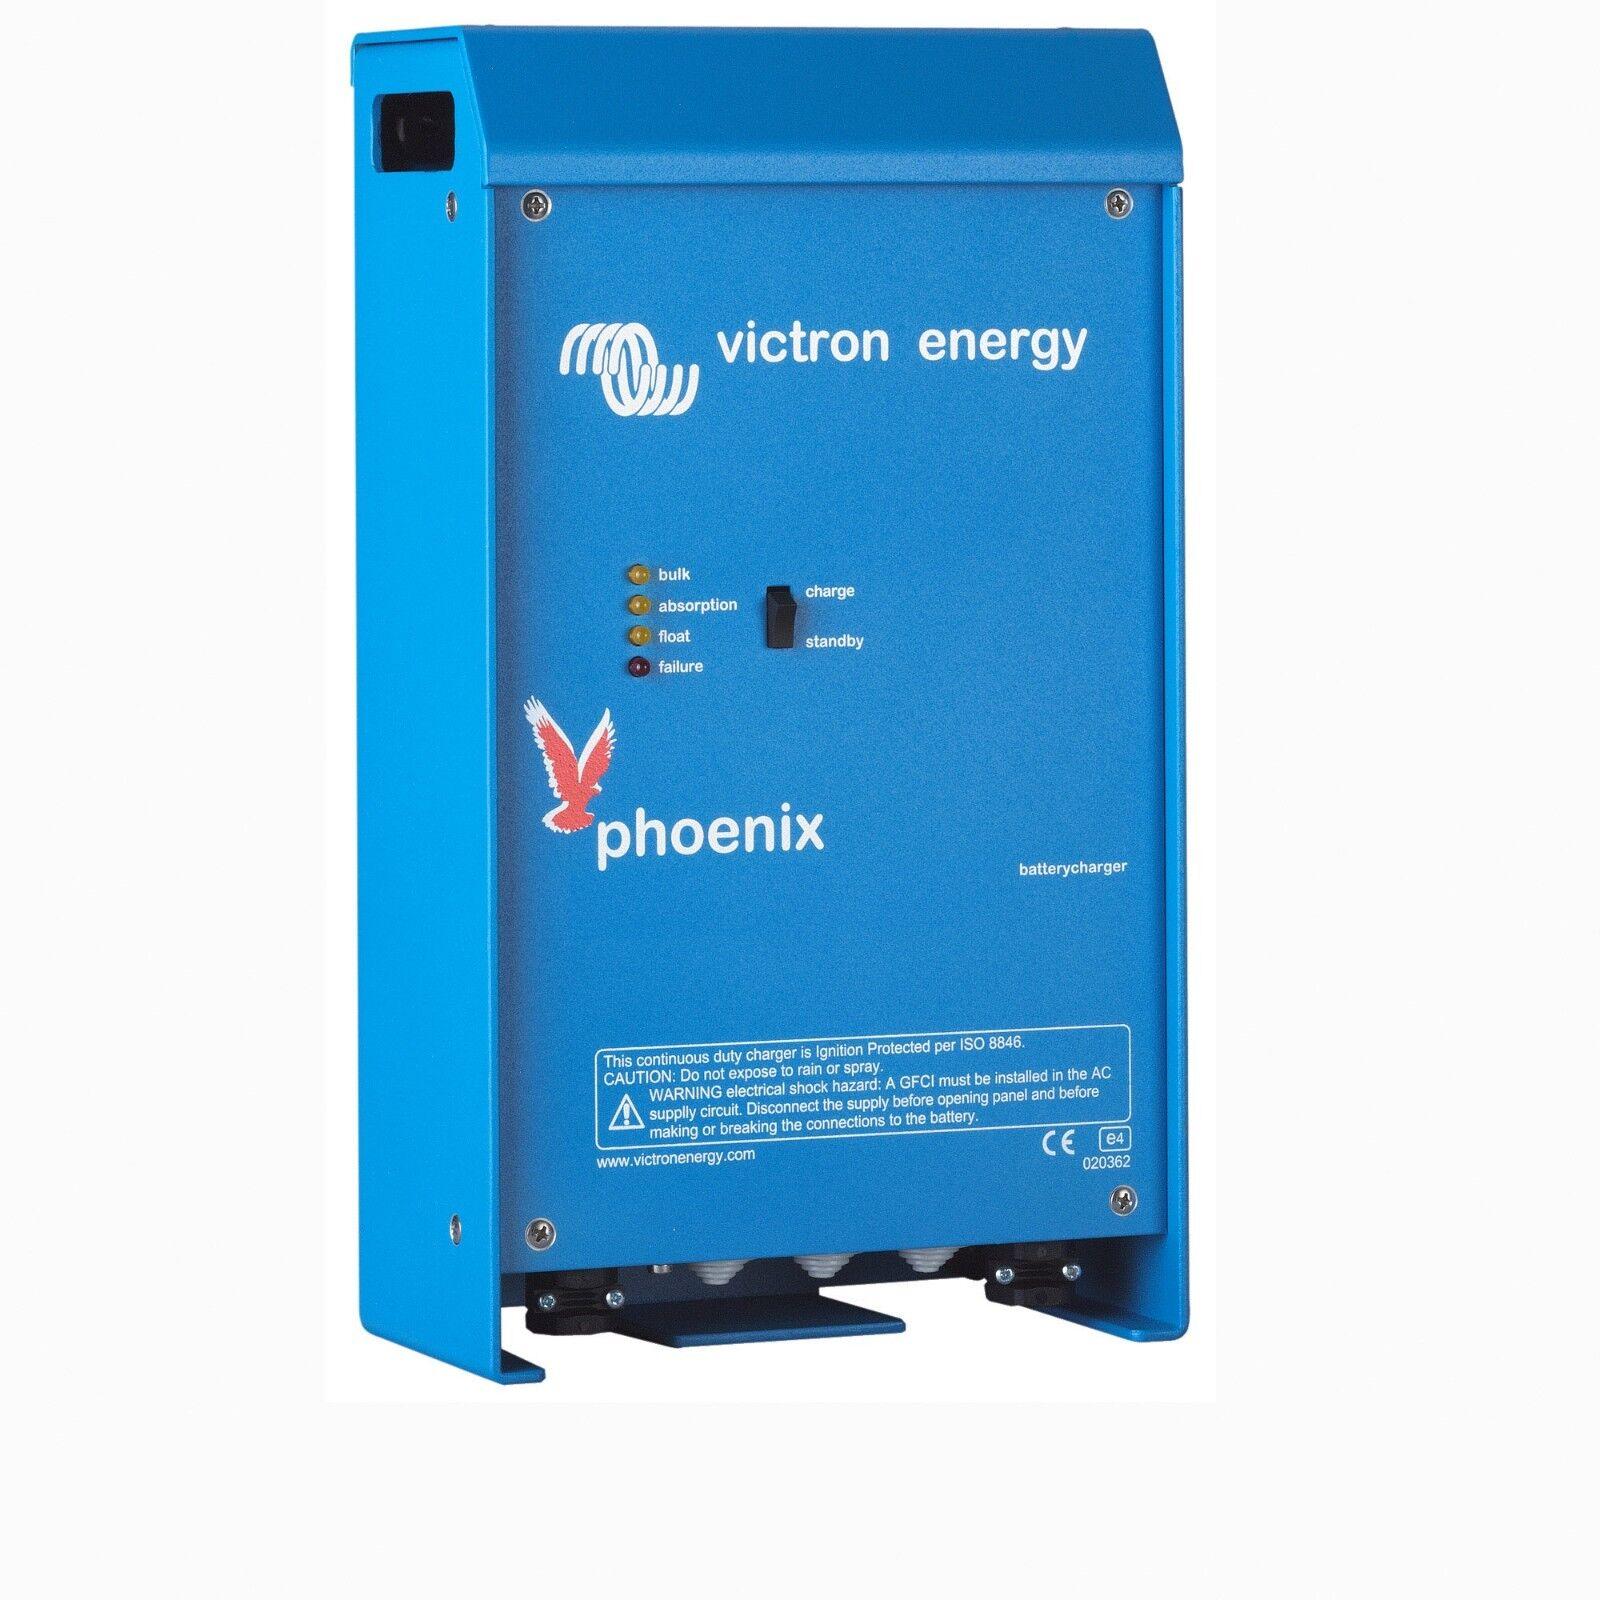 Victron Phönix 24/16 Batterie Lader, Batterieladegerät, Charger, 24 Volt 16 A